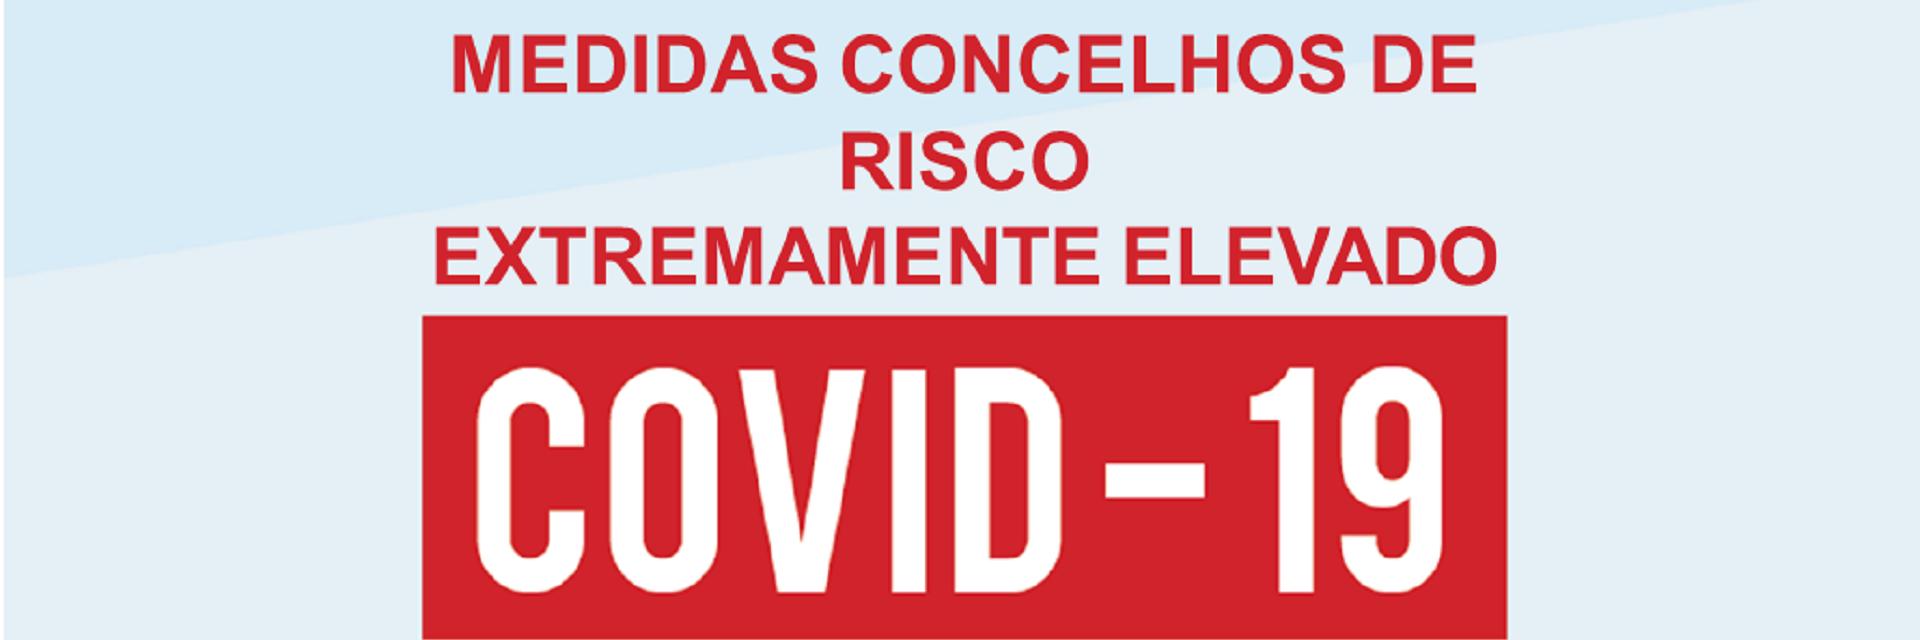 Vieira do Minho integra a lista dos concelhos de risco Extremamente Elevado